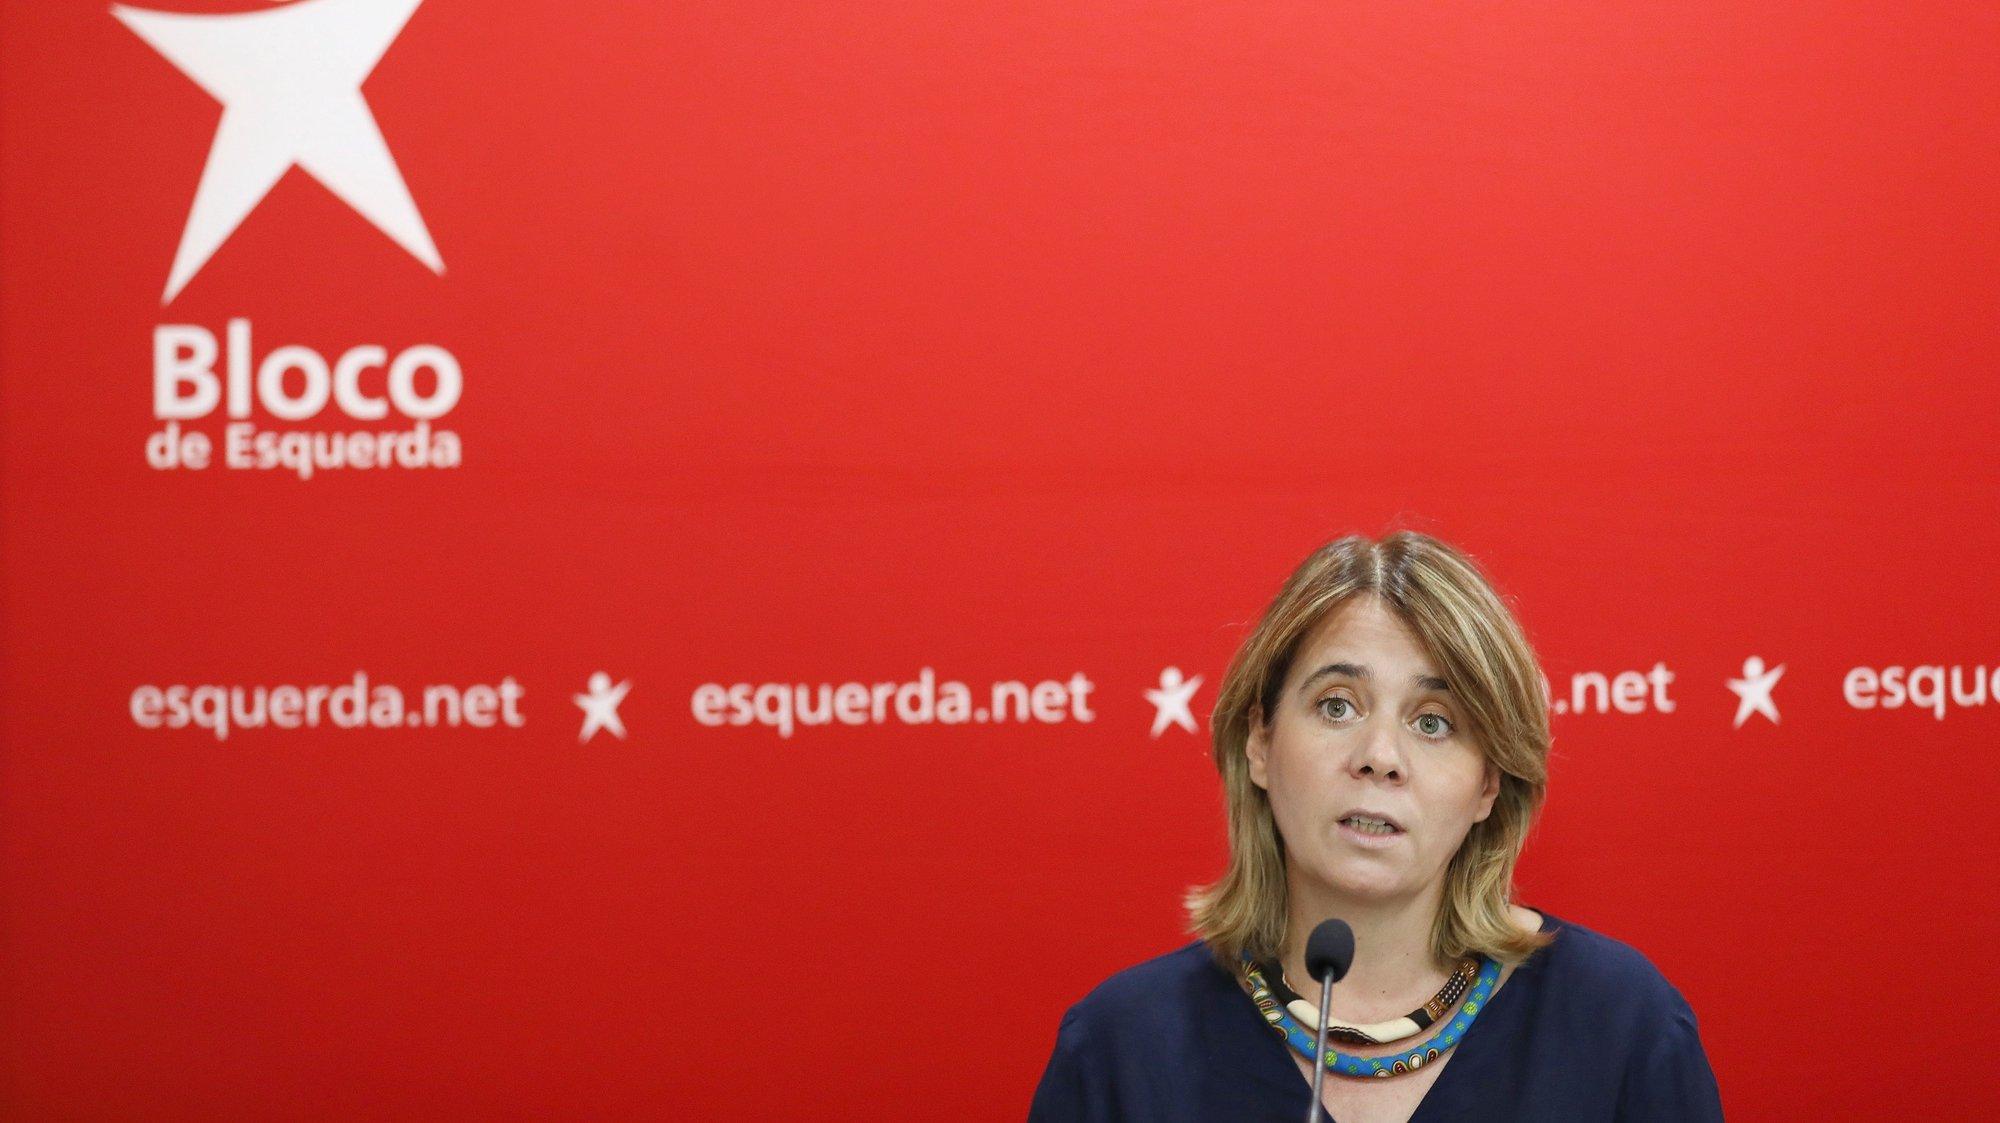 A coordenadora do Bloco de Esquerda (BE) Catarina Martins, fala aos jornalistas durante uma conferência de imprensa após a reunião da Mesa Nacional do partido, para analisar a atual situação política nacional, fazer o balanco das eleições autárquicas e debater o processo de preparação do Orçamento do Estado para 2022, em Lisboa, 02 de outubro de 2021. ANTÓNIO PEDRO SANTOS